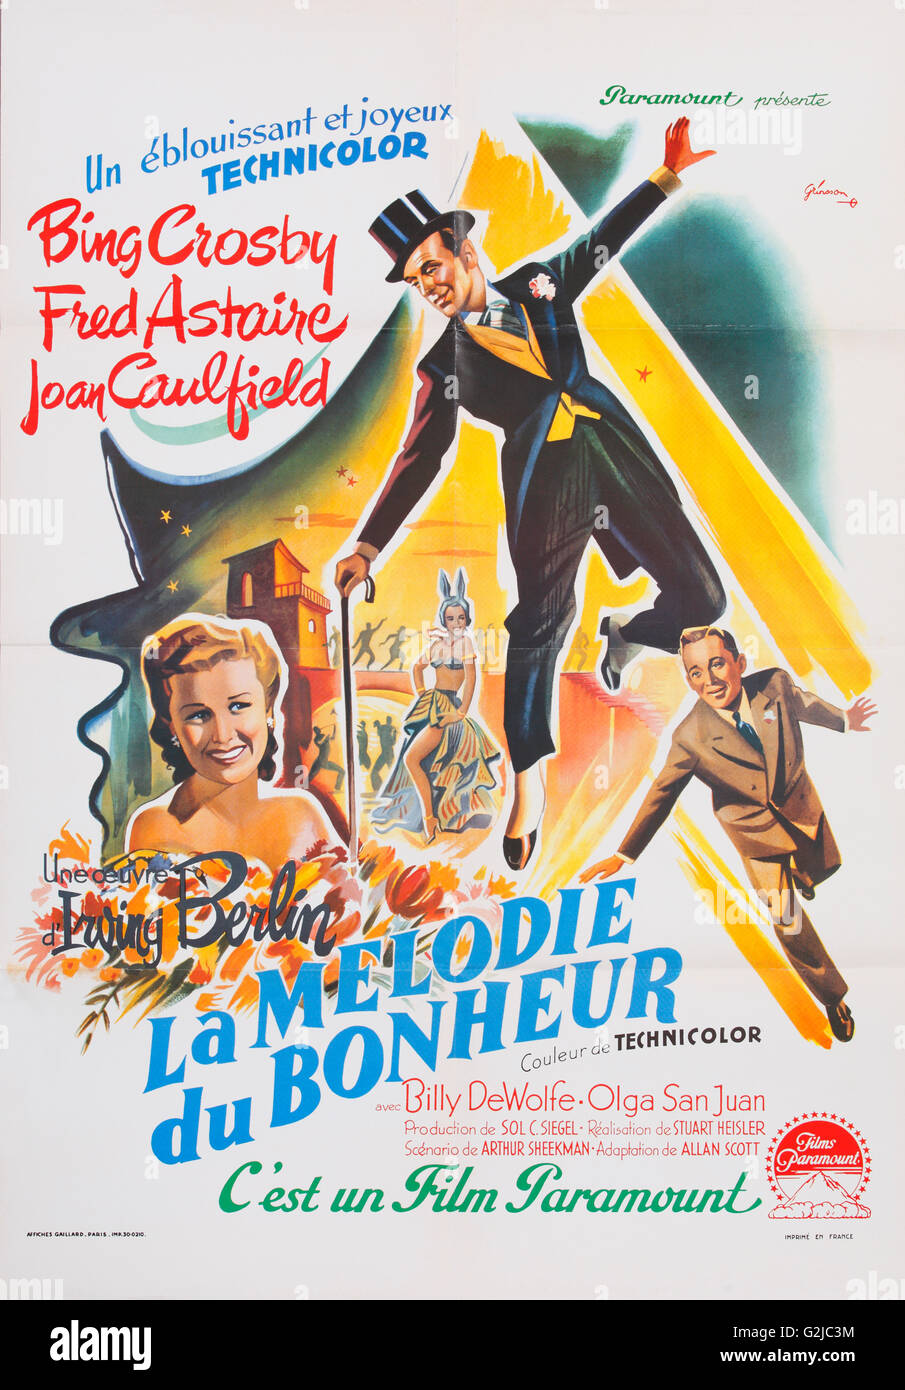 Old French Film Poster For La Melodie Du Bonheur Blue